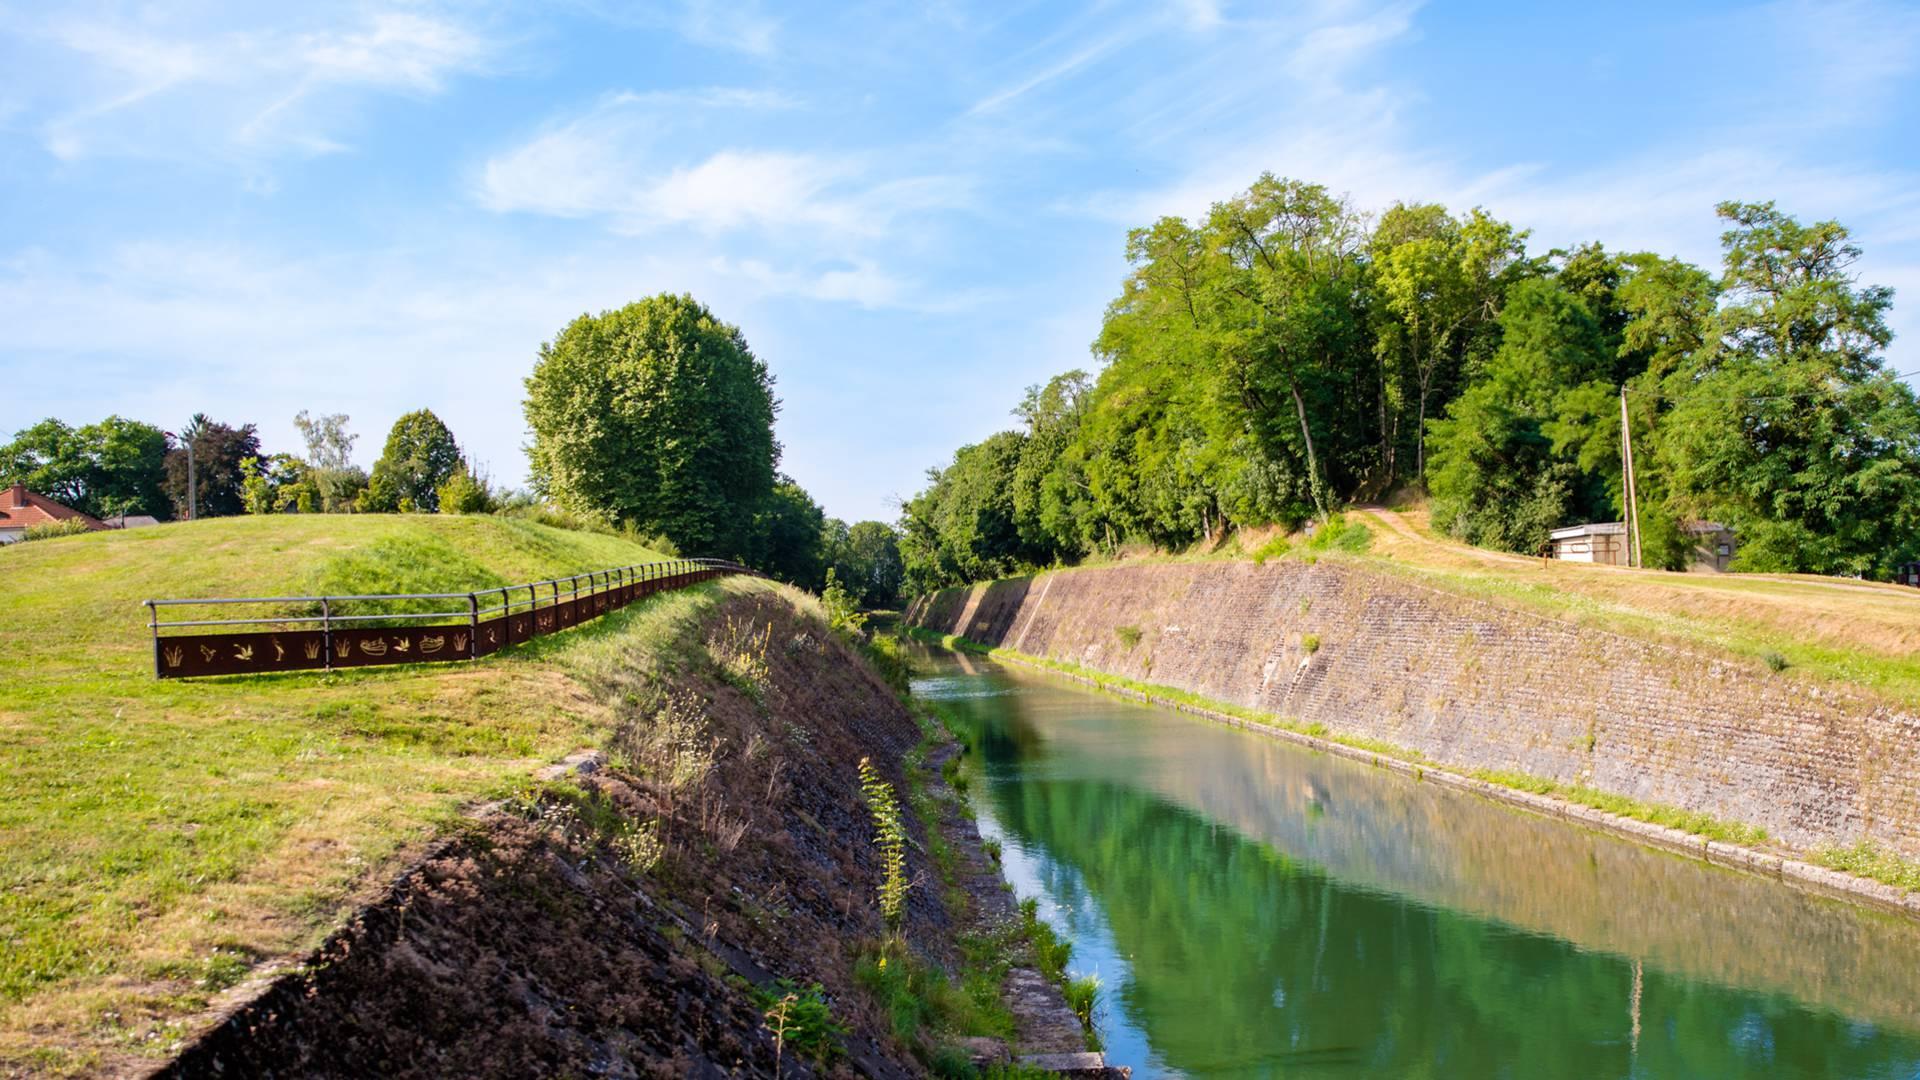 La tranchée du canal du Centre, Génelard. © Franck Juillot.